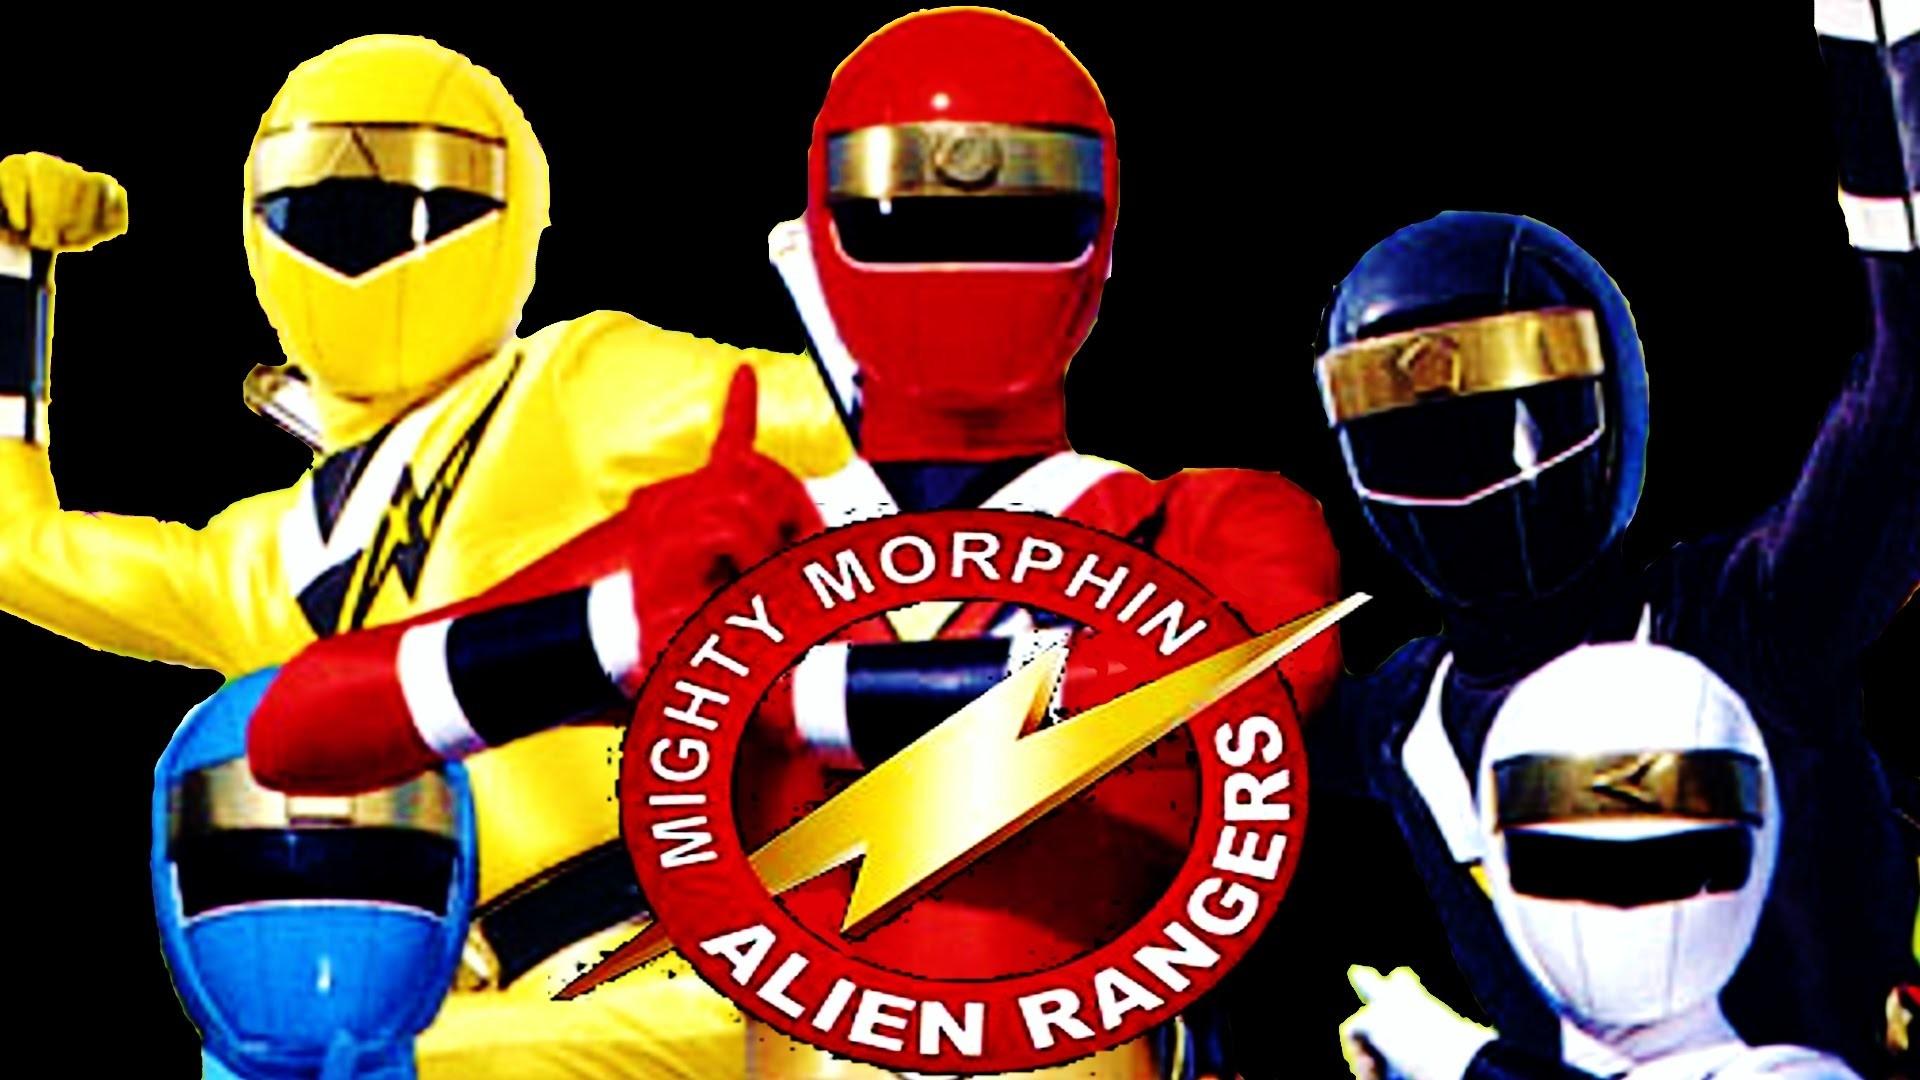 Top 5 Mighty Morphin Alien Rangers Episodes